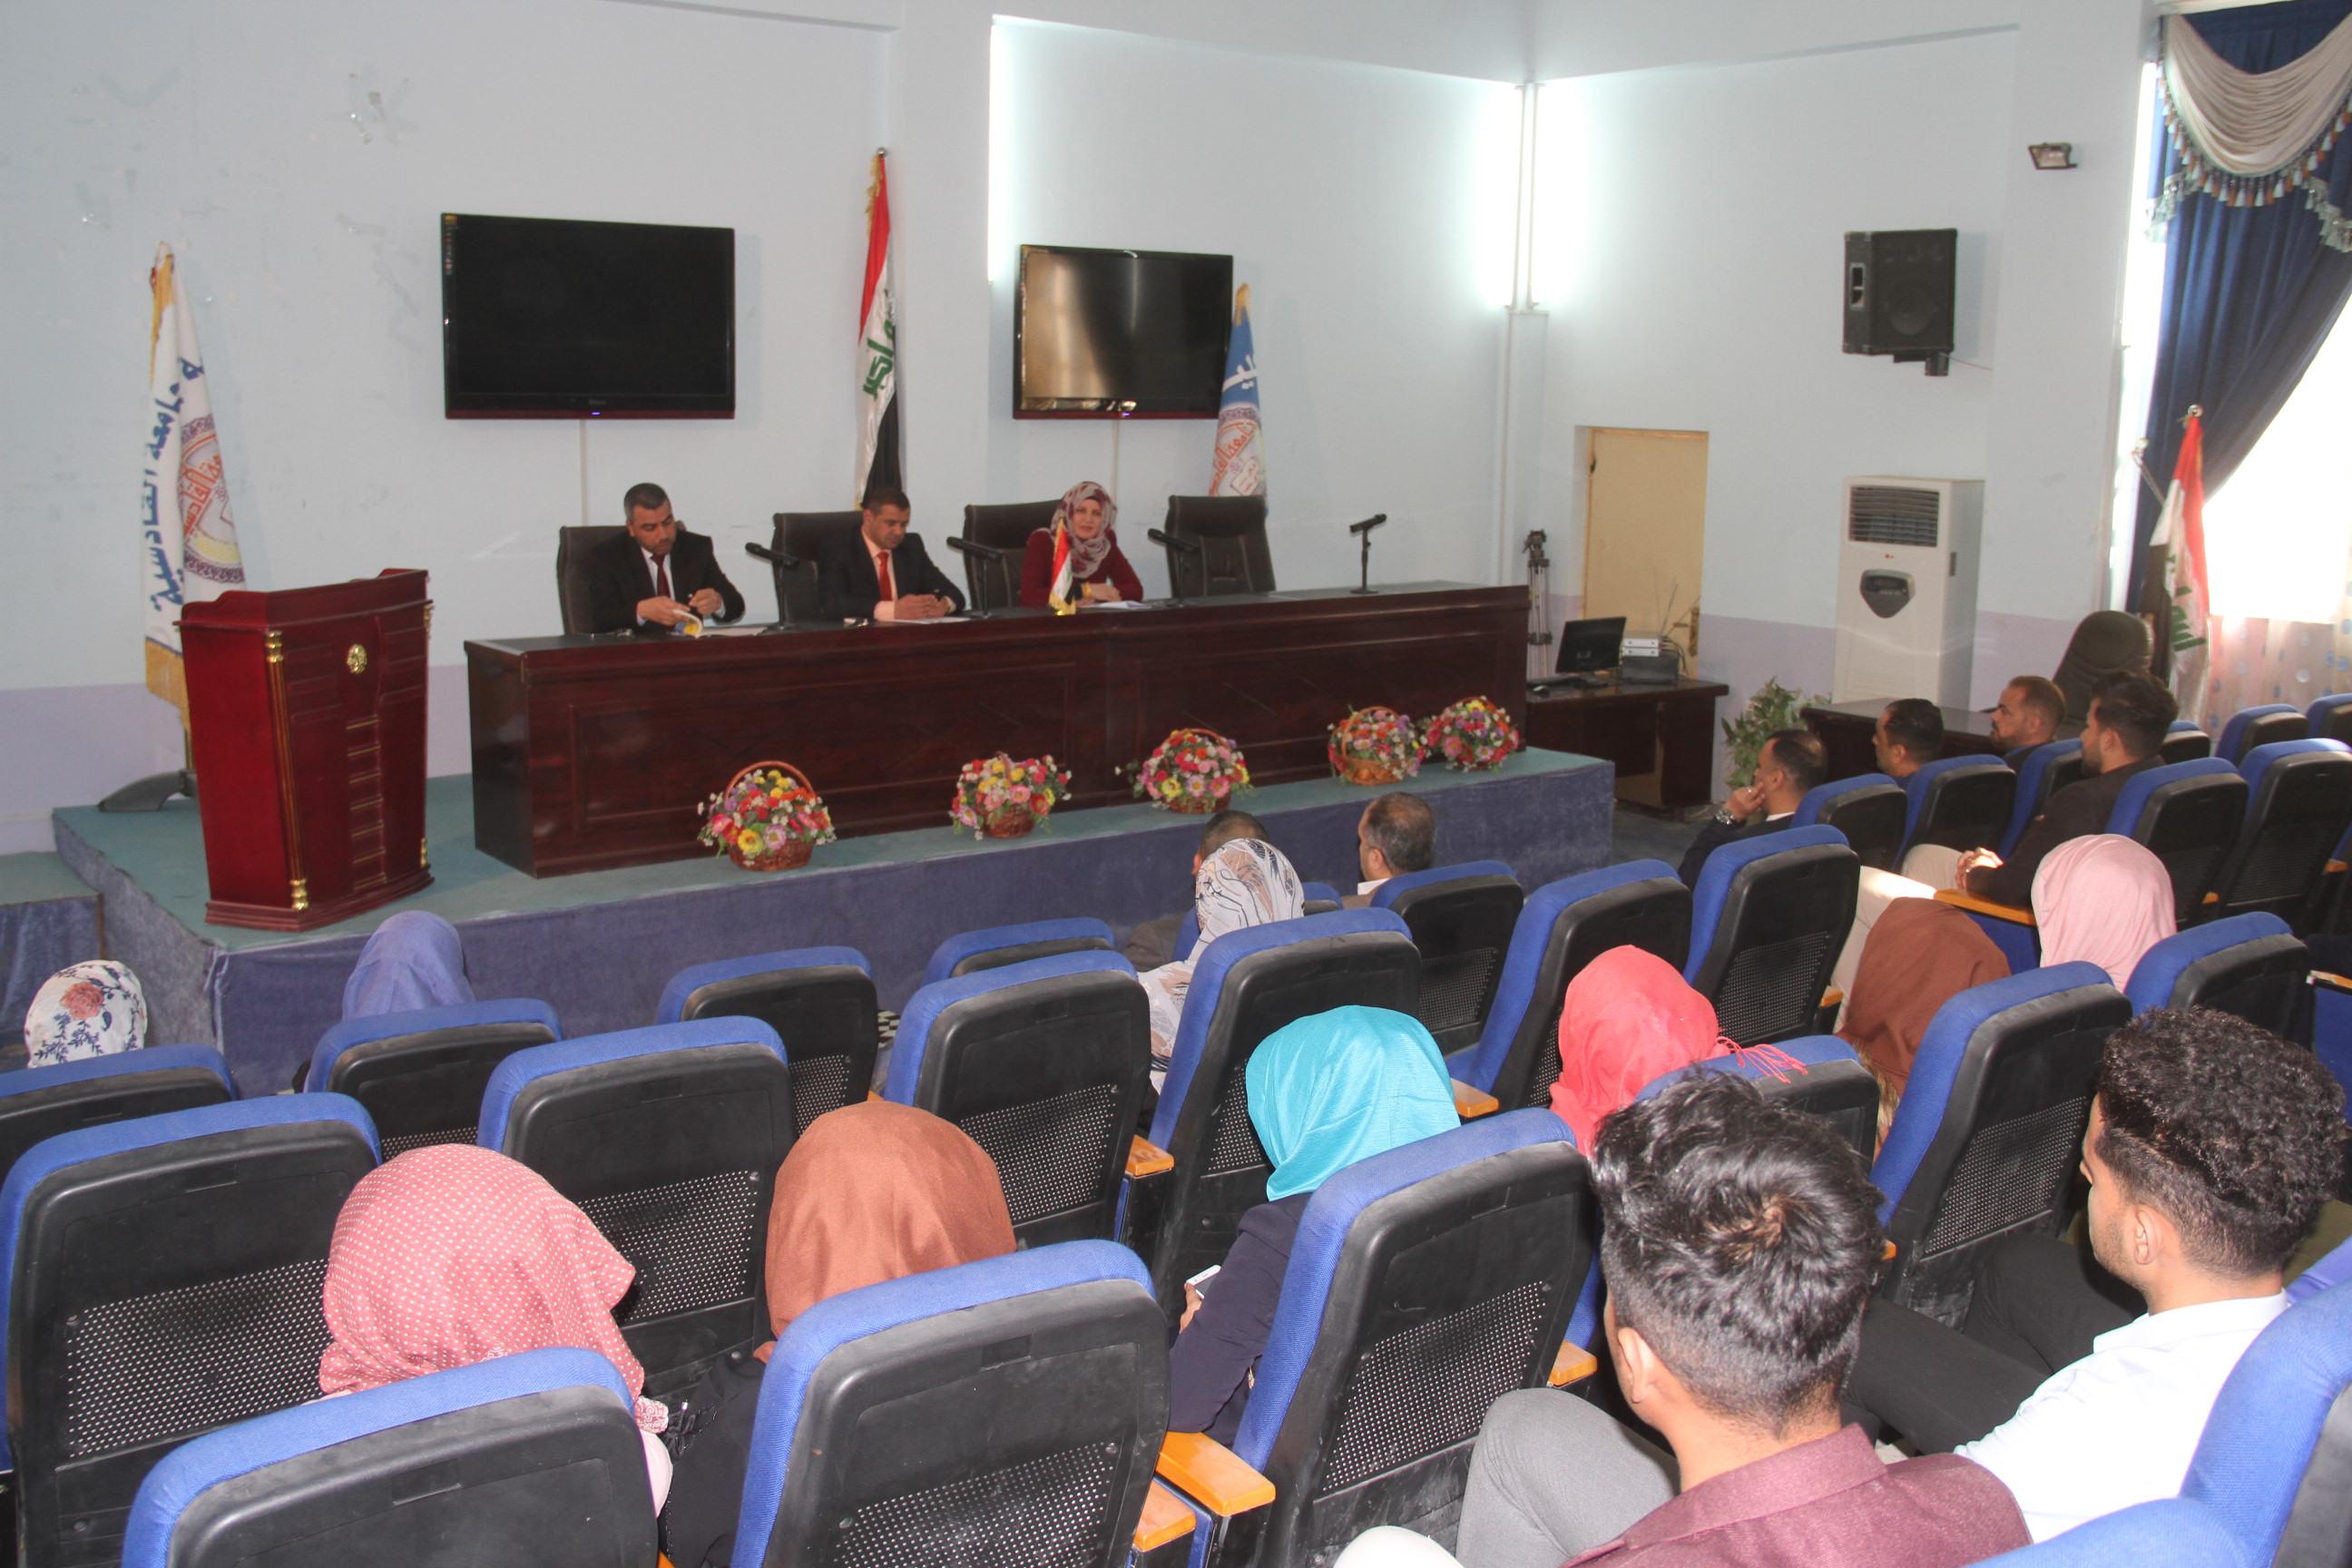 كلية القانون / جامعة القادسية تعقد ندوة علمية بعنوان (عقود الشراكة بين القطاع العام والخاص ودورها في التنمية الاقتصادية)